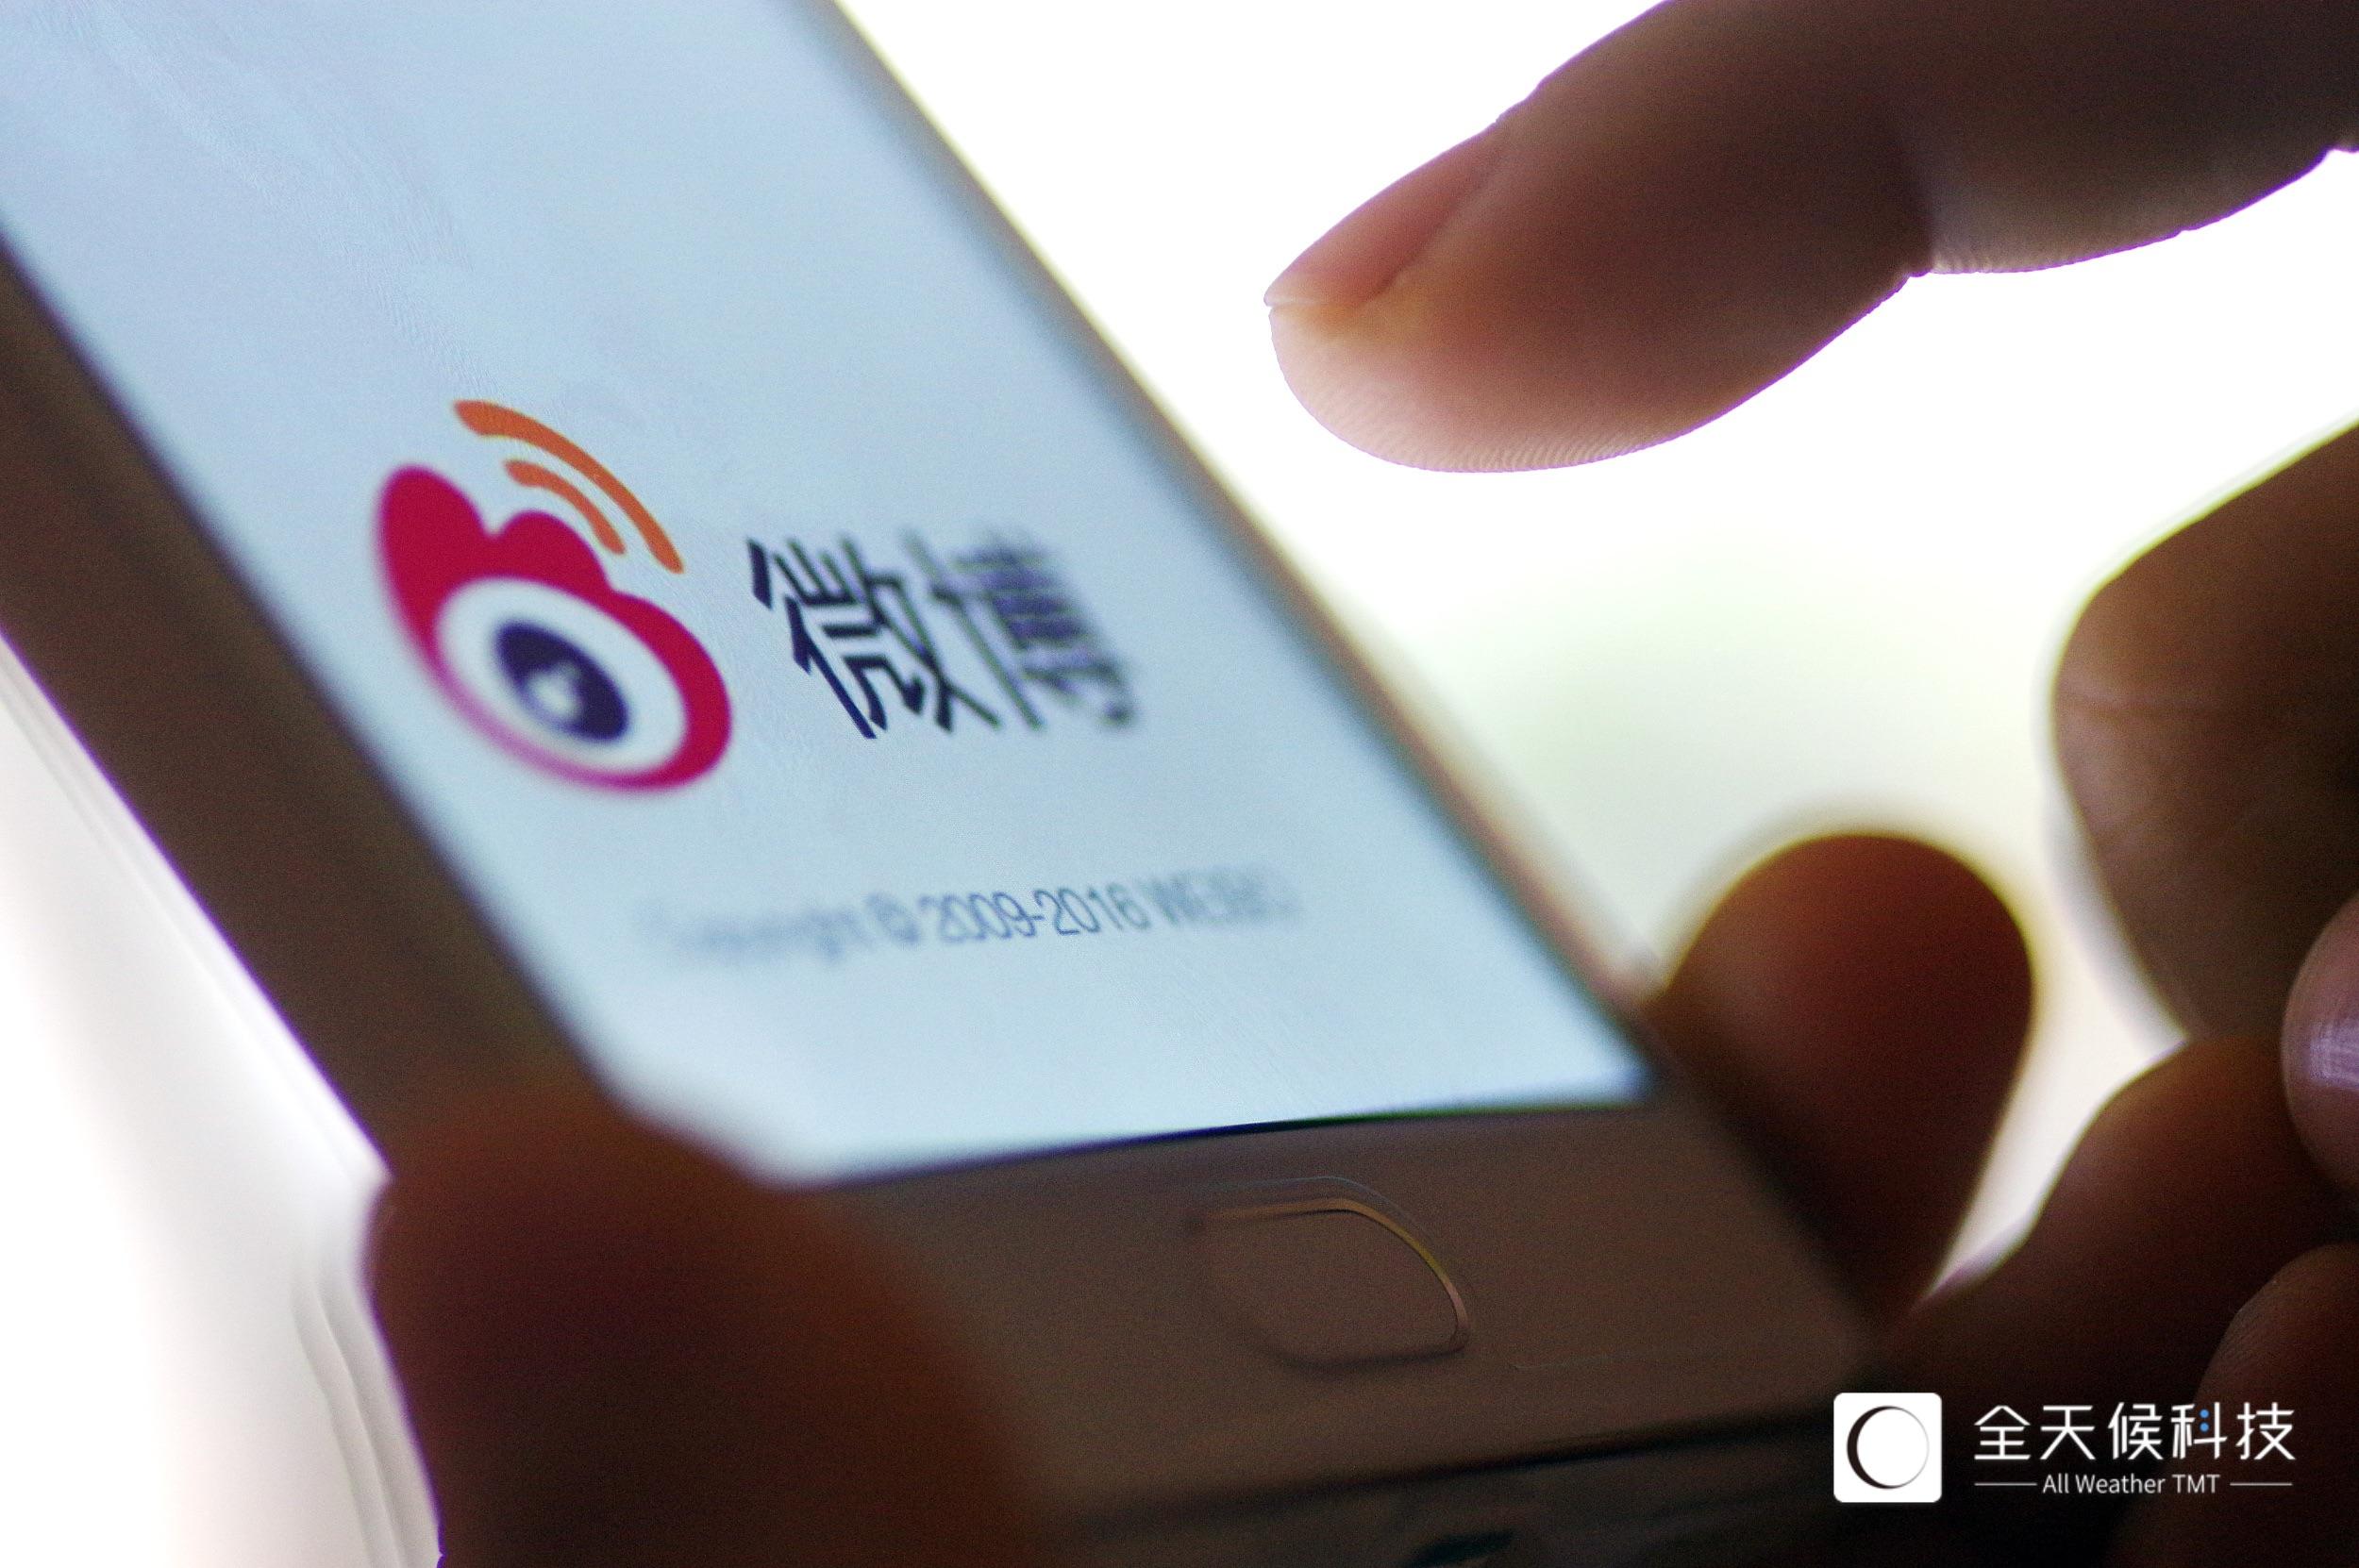 微博 微博营收和用户增长乏力:靠短视频能不能自救?